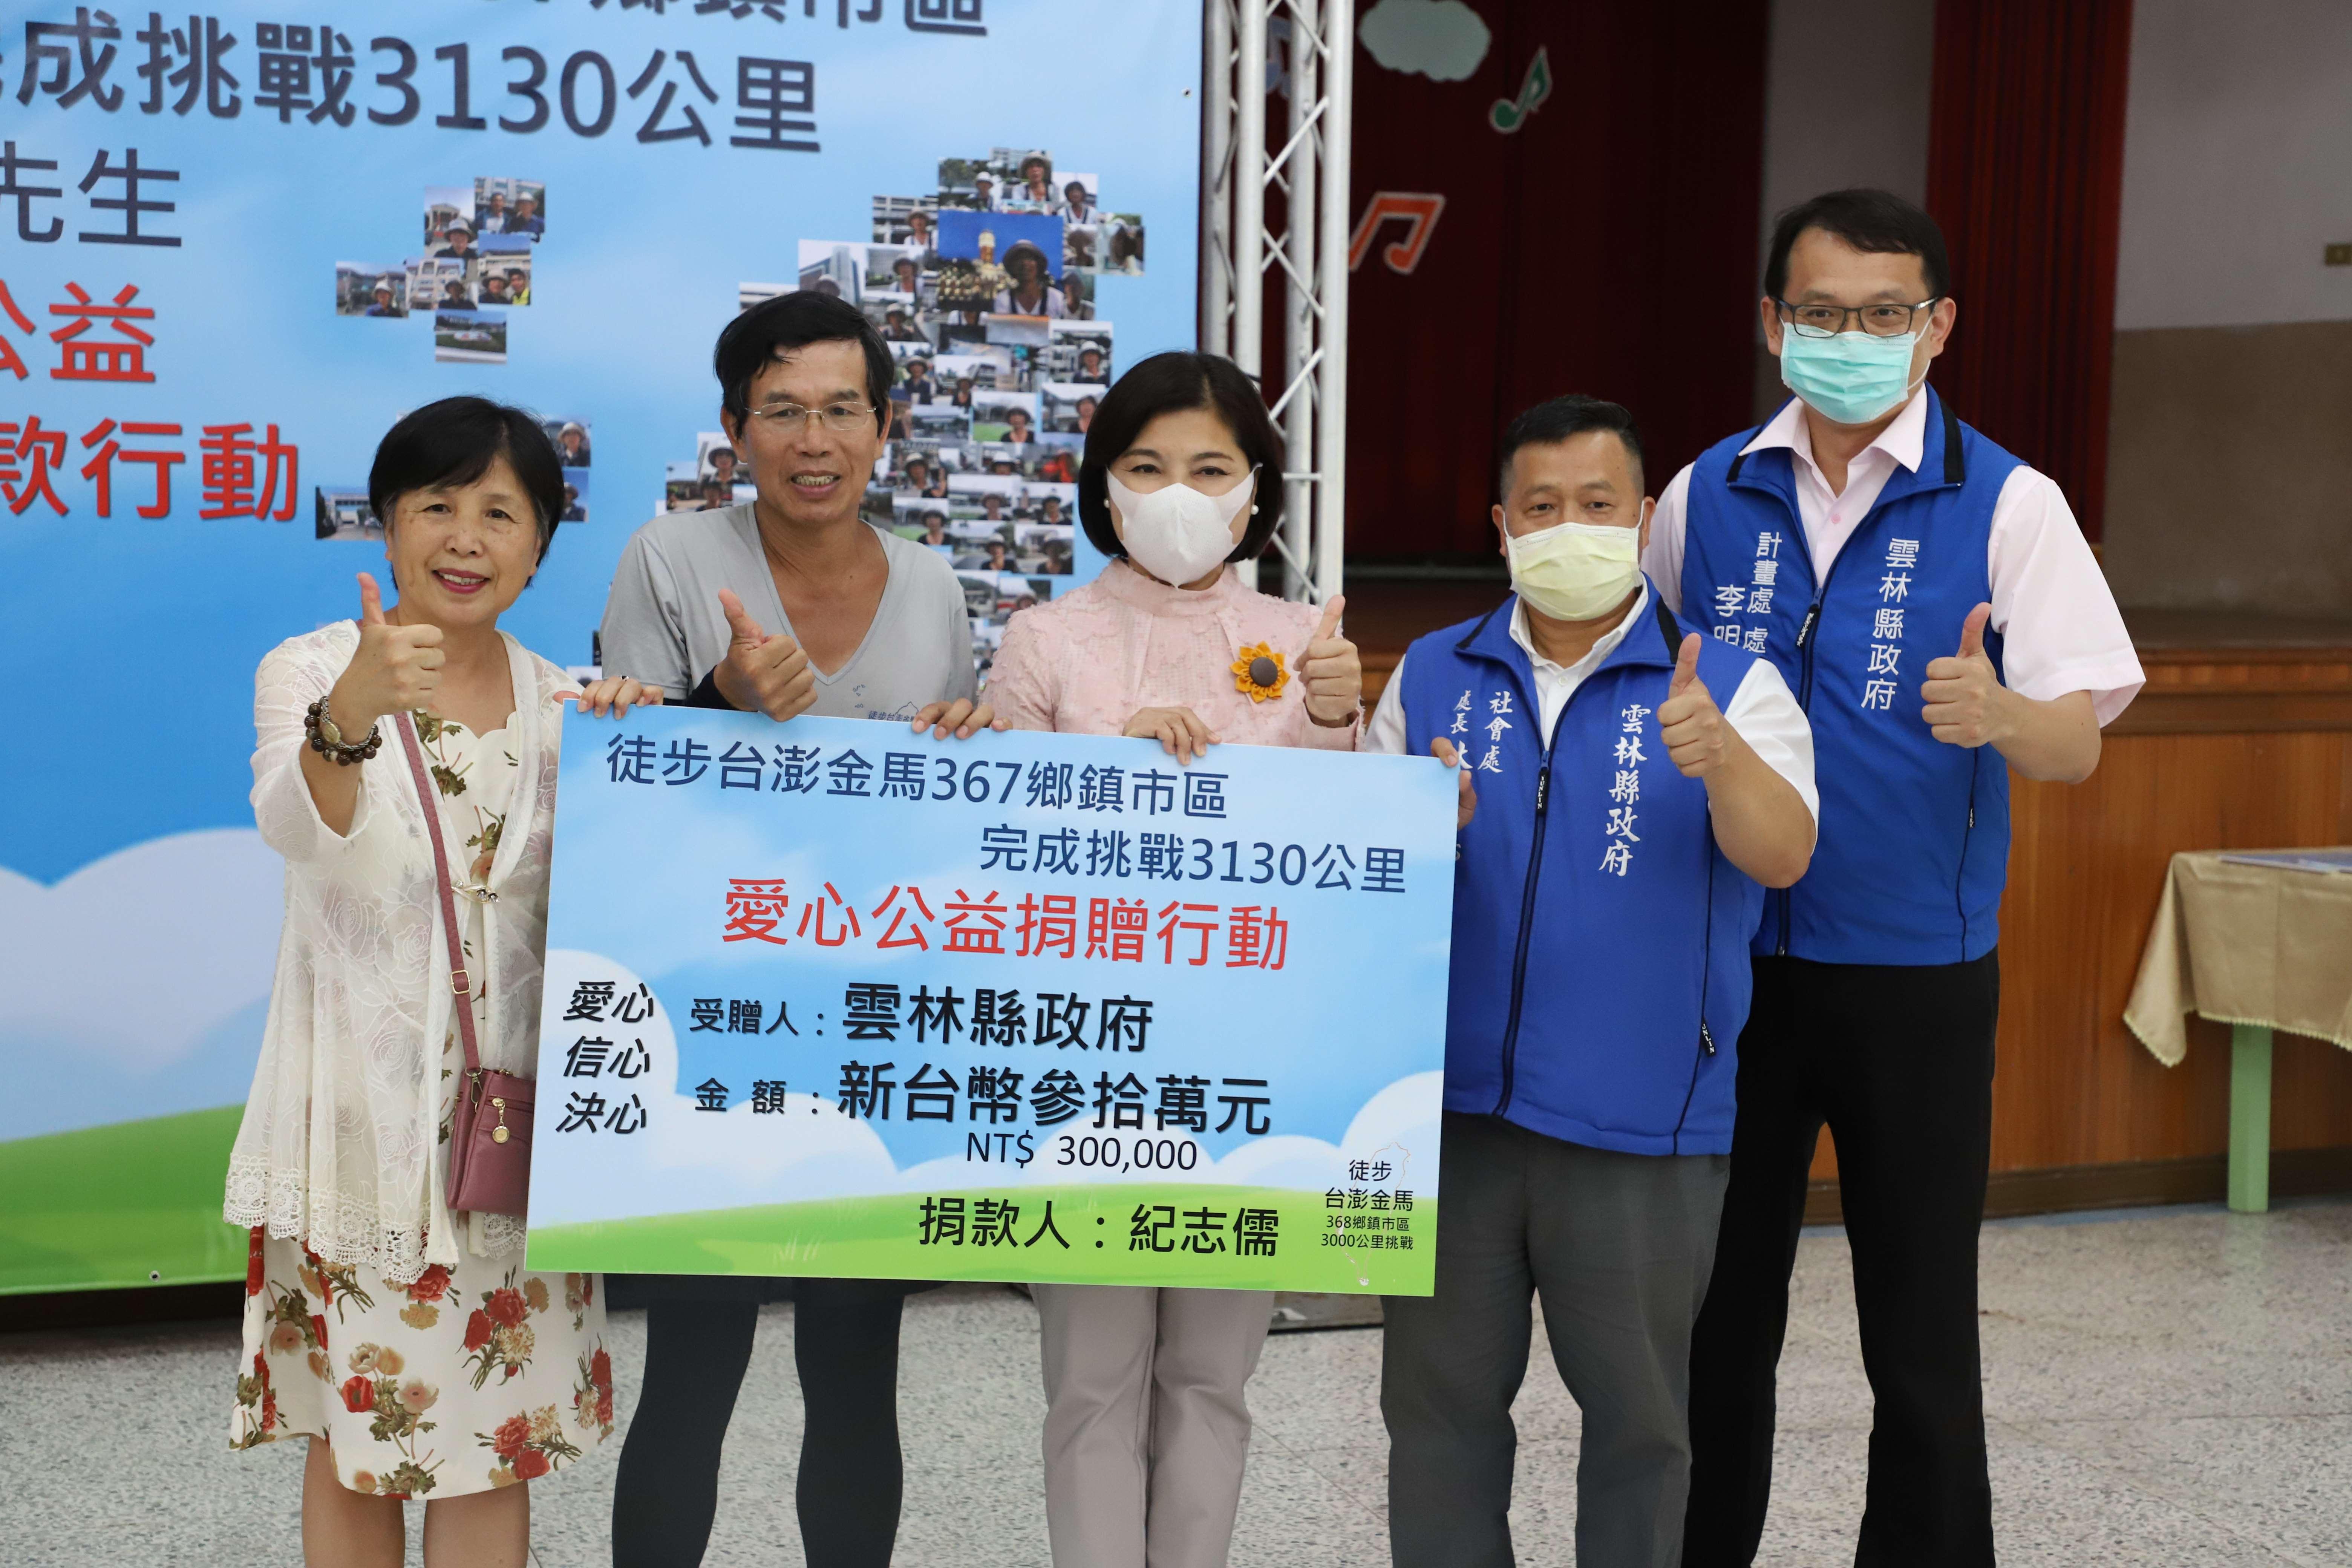 紀志儒先生捐贈30萬給雲林縣政府,由縣長張麗善代表接受。